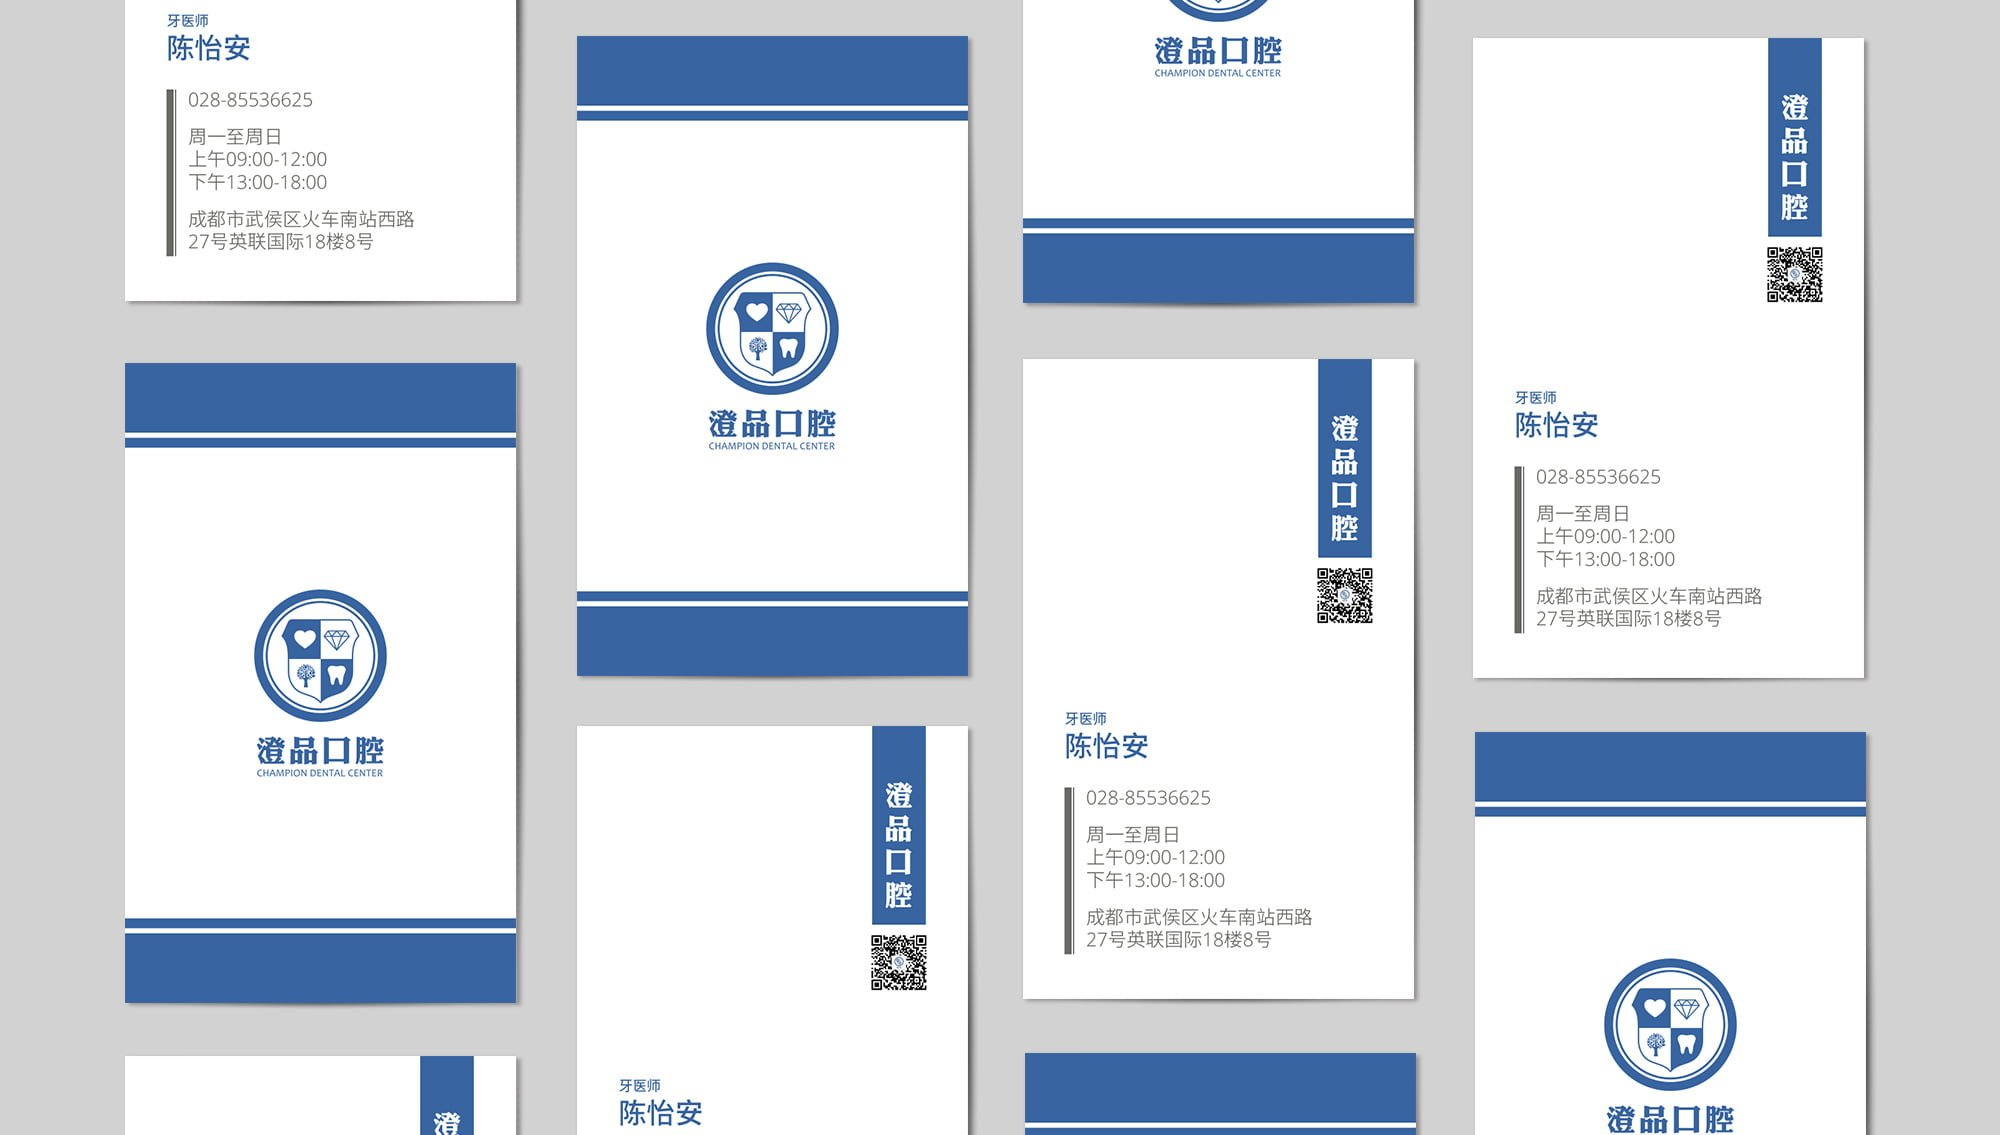 名片設計 | 讓客戶留下印象深刻的名片設計,多樣材質玩出不同印刷樣式